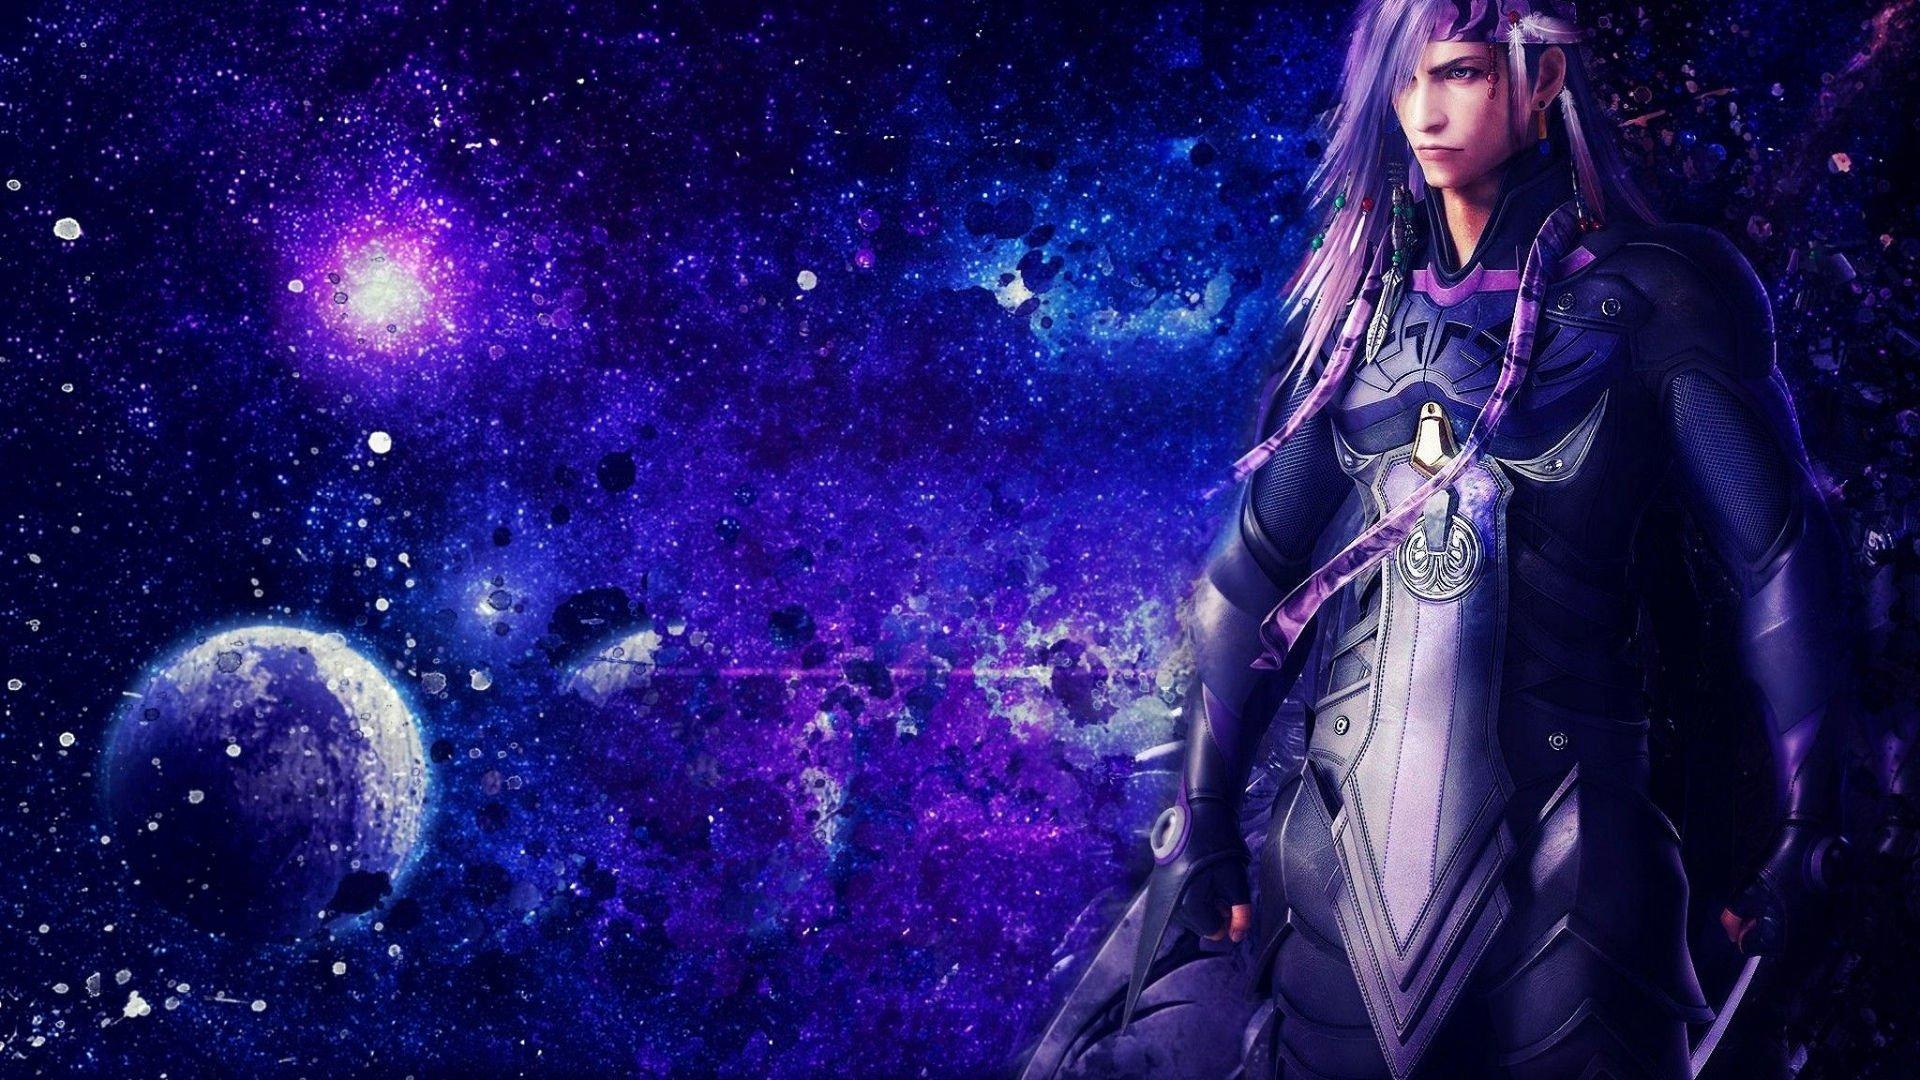 最终幻想13:雷霆归来插图2